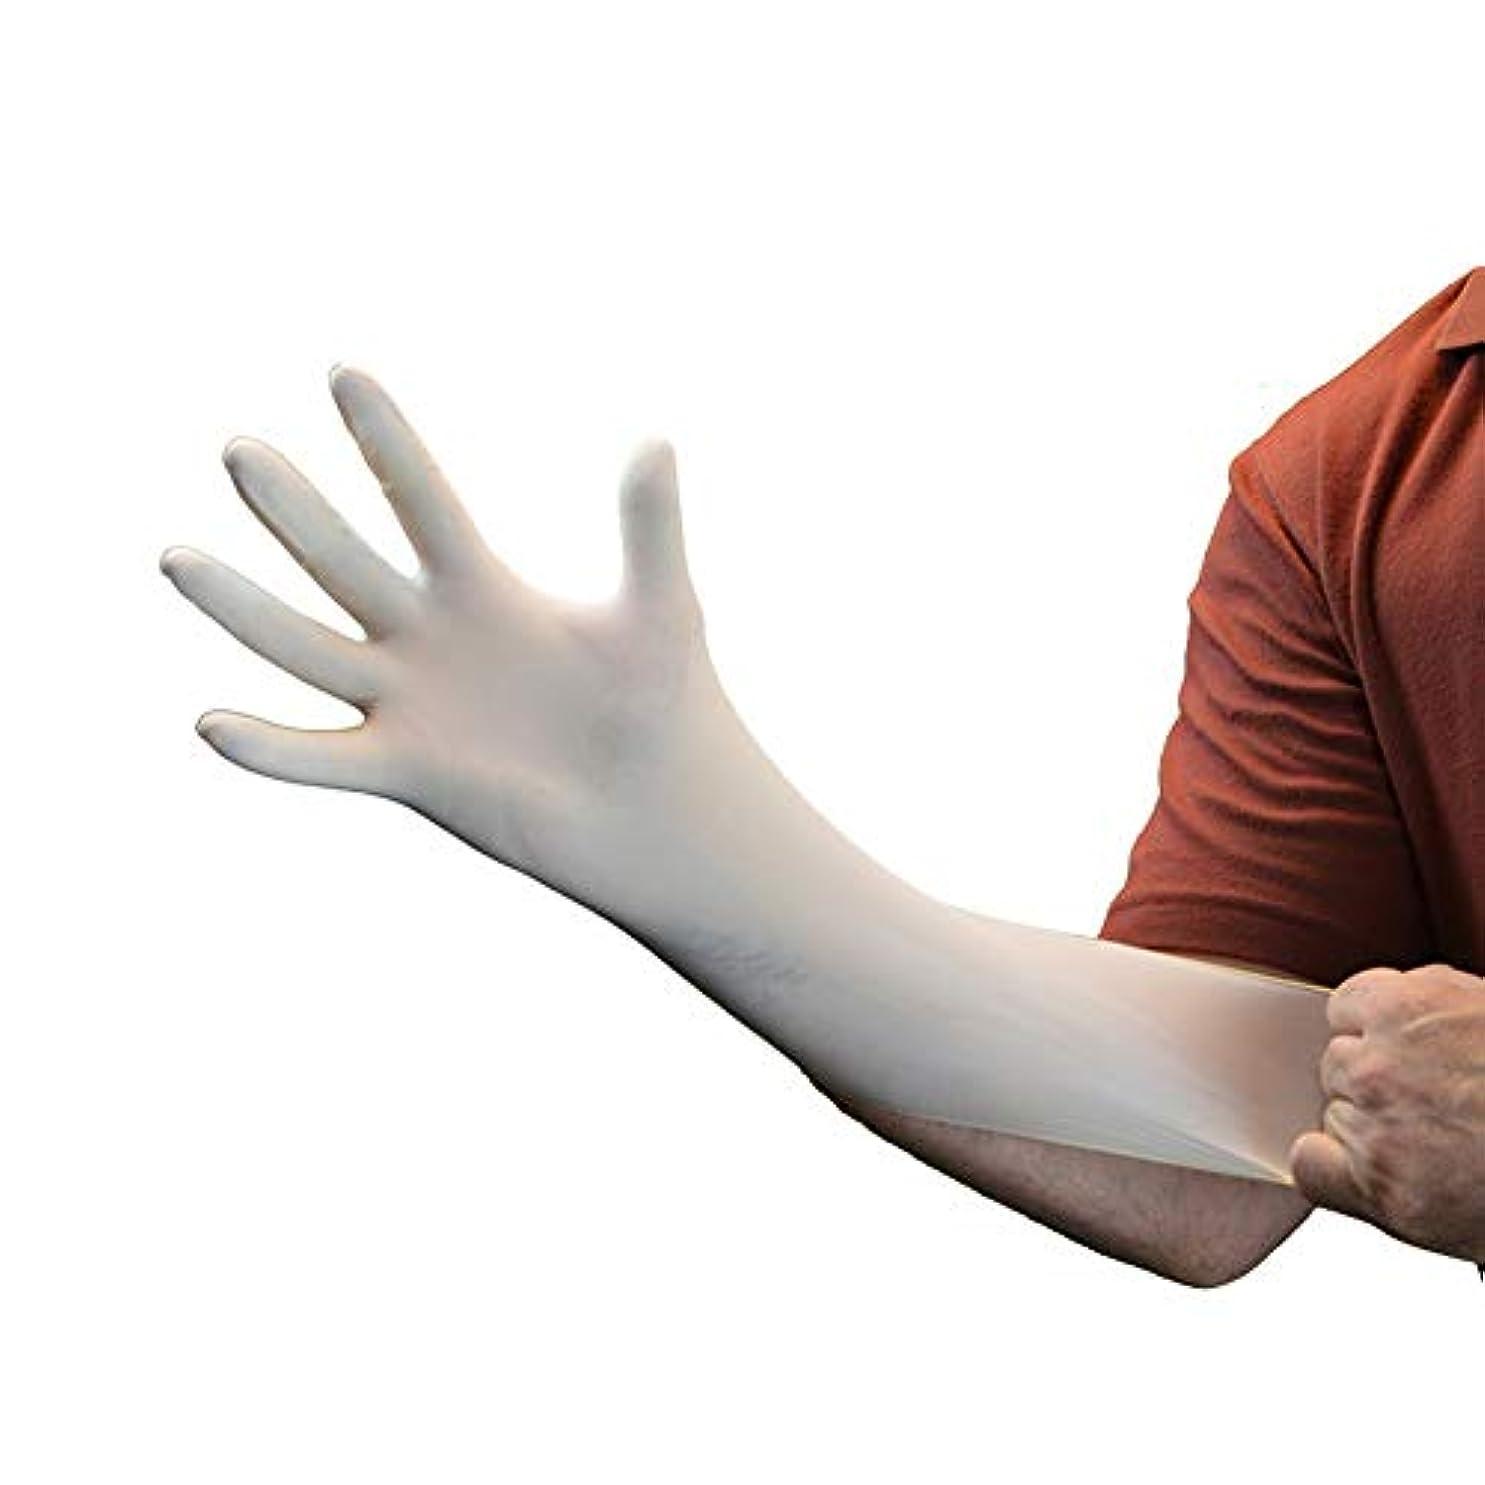 摂氏リスナー防腐剤使い捨てラテックス手袋 - パウダーフリーの歯科技工所労働保護製品をマッサージ YANW (Color : White, Size : XS)